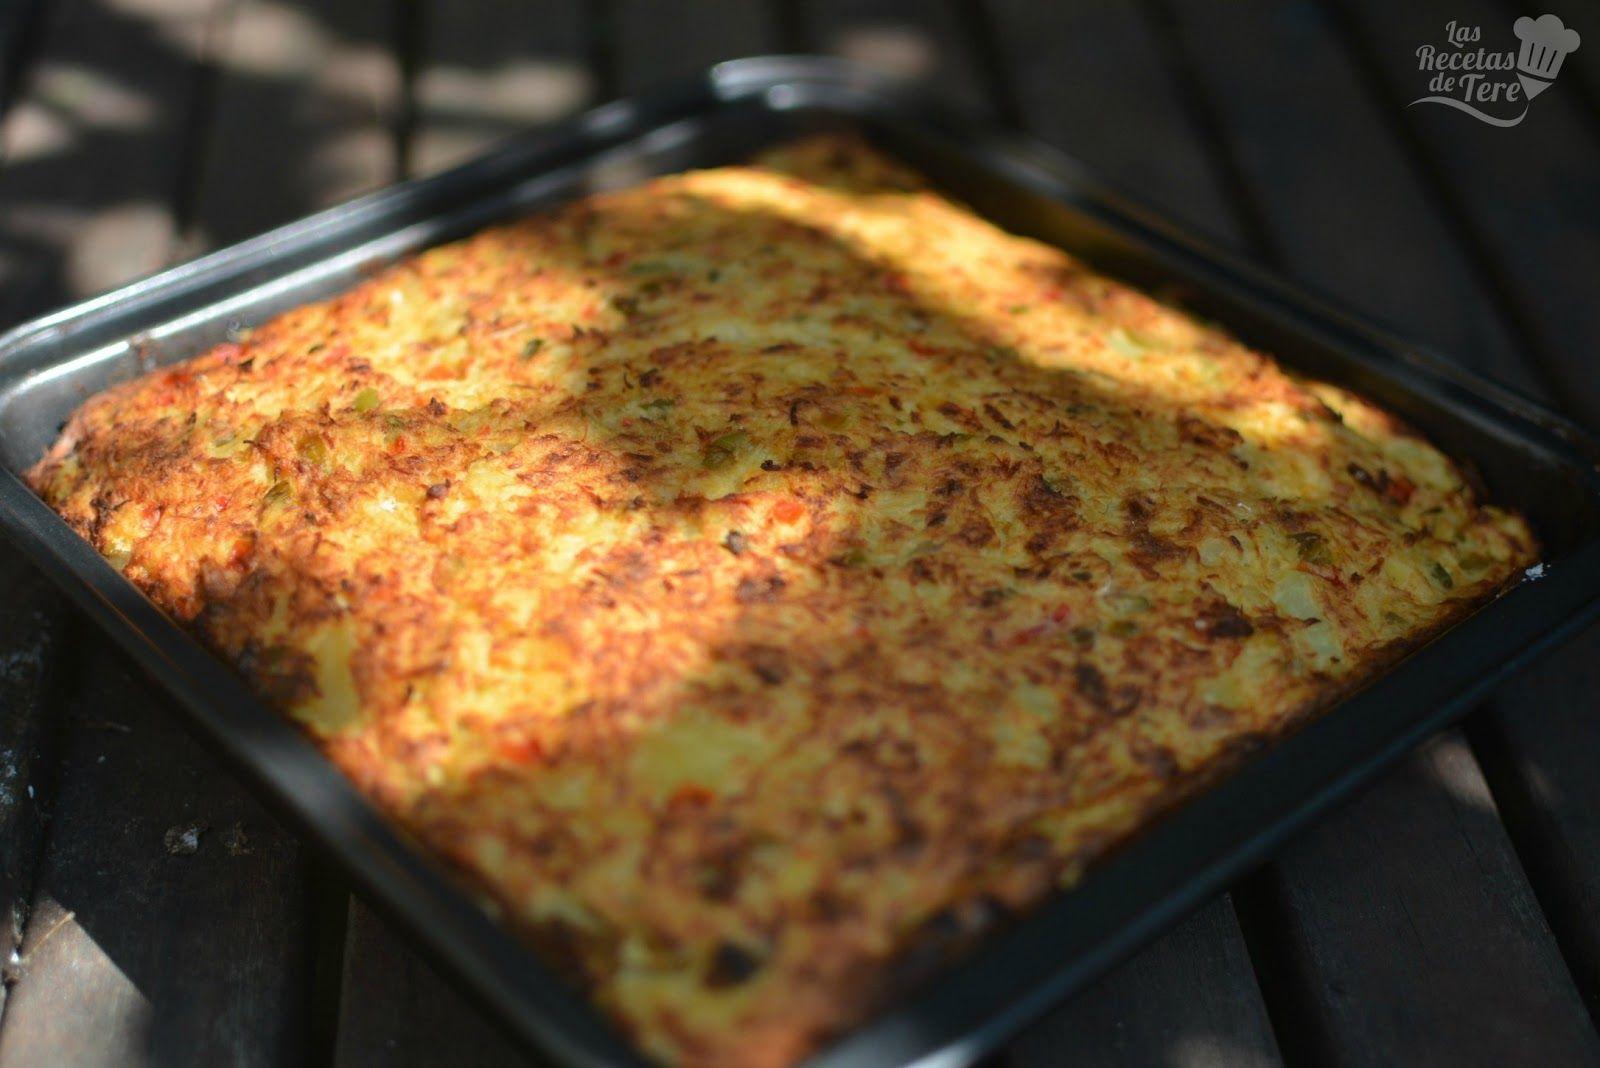 Pastel de merluza y patatas tererecetas las recetas de tere 05